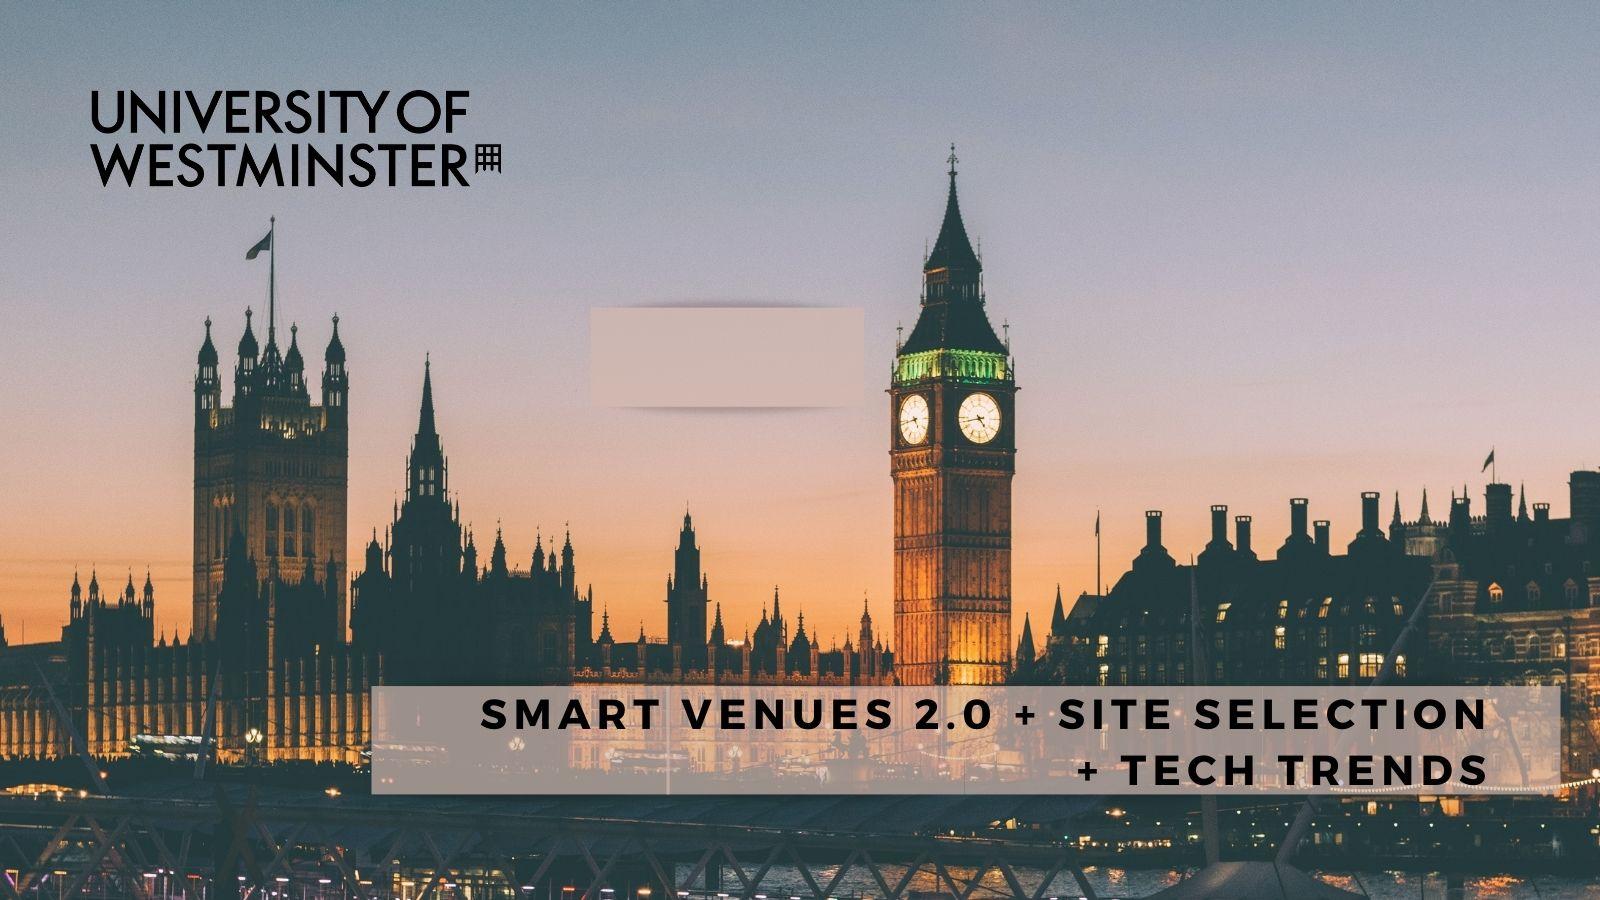 Smart Venues 2.0 + Site Selection + Tech Trends